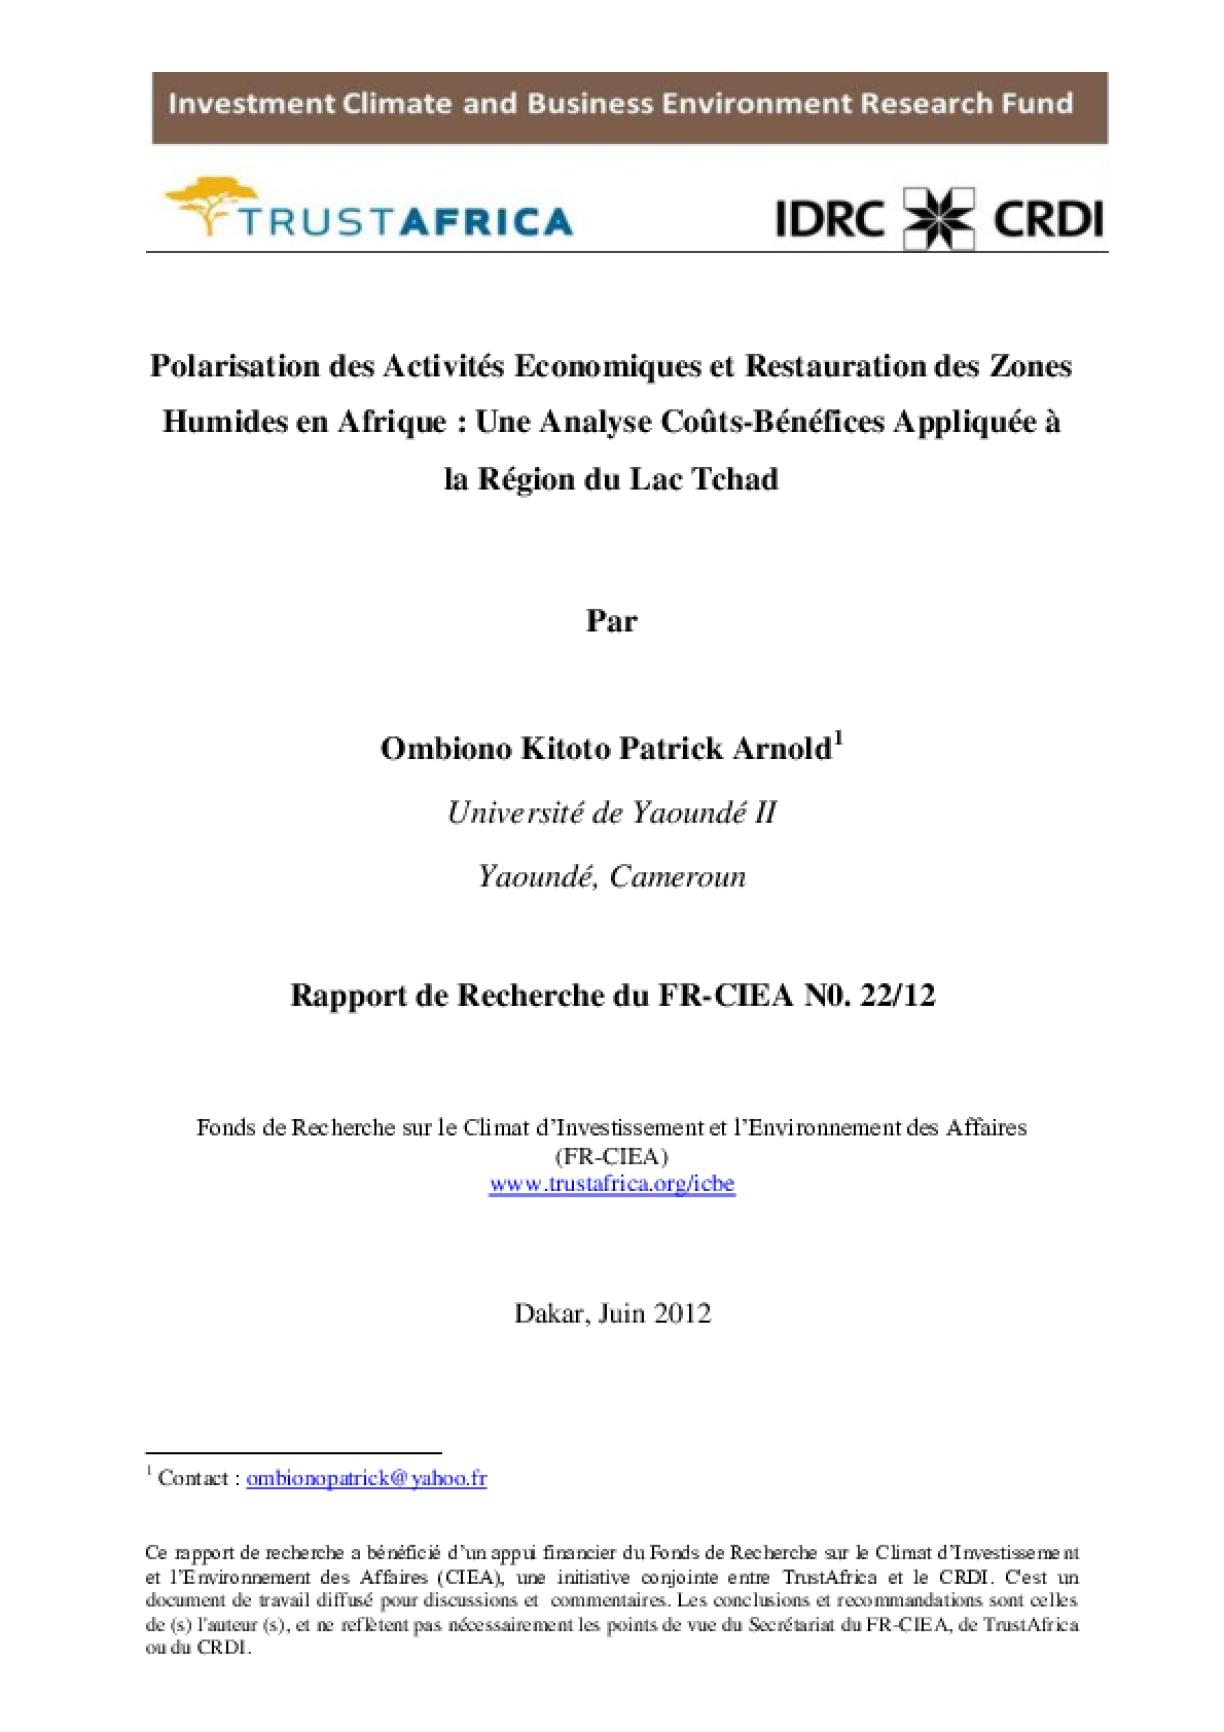 Polarisation des Activités Economiques et Restauration des Zones Humides en Afrique: Une Analyse Coûts-Bénéfices Appliquée à la Région du Lac Tchad